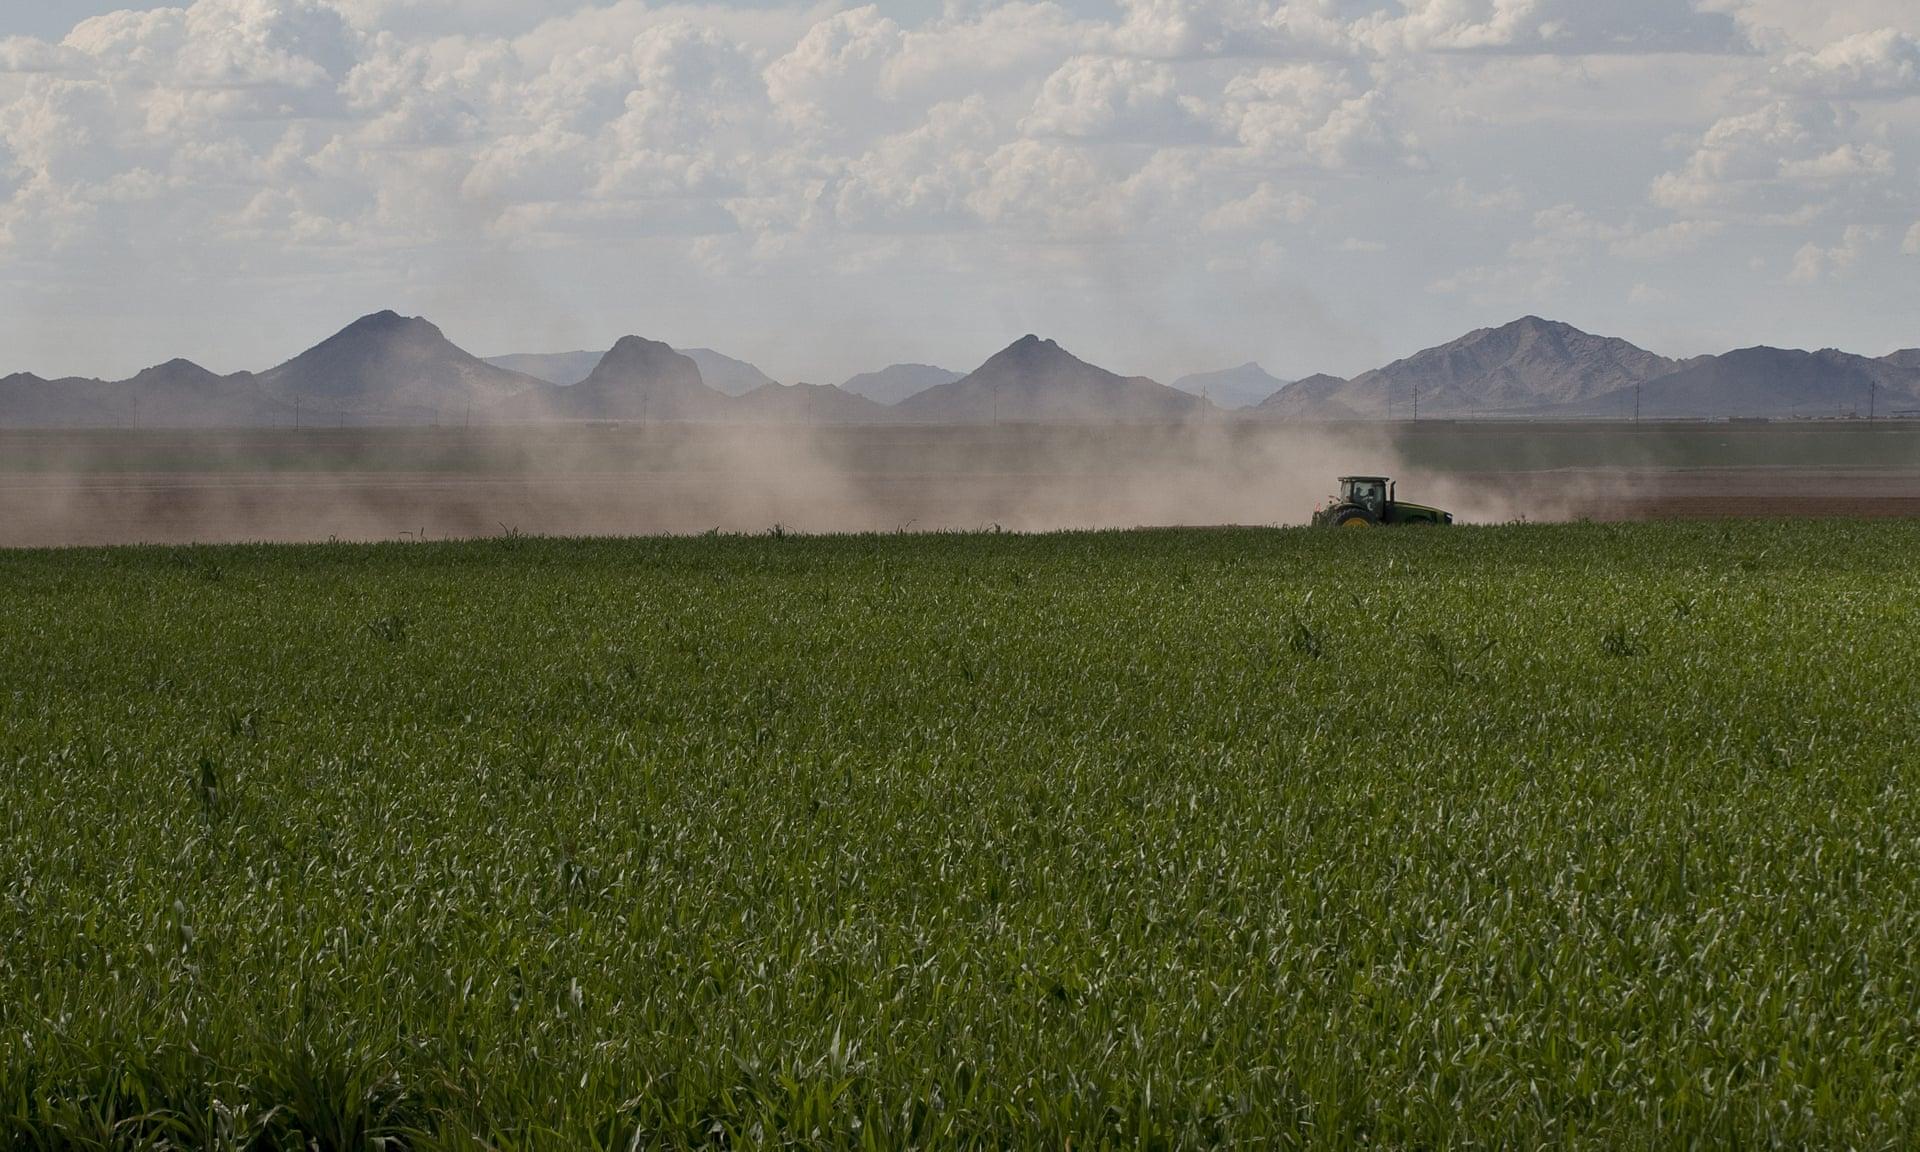 Хотя мир производит больше продуктов питания, чем в прошлом, он делает ставку на постоянно растущие монокультуры. Фото: ZUMA / REX / Shutterstock.